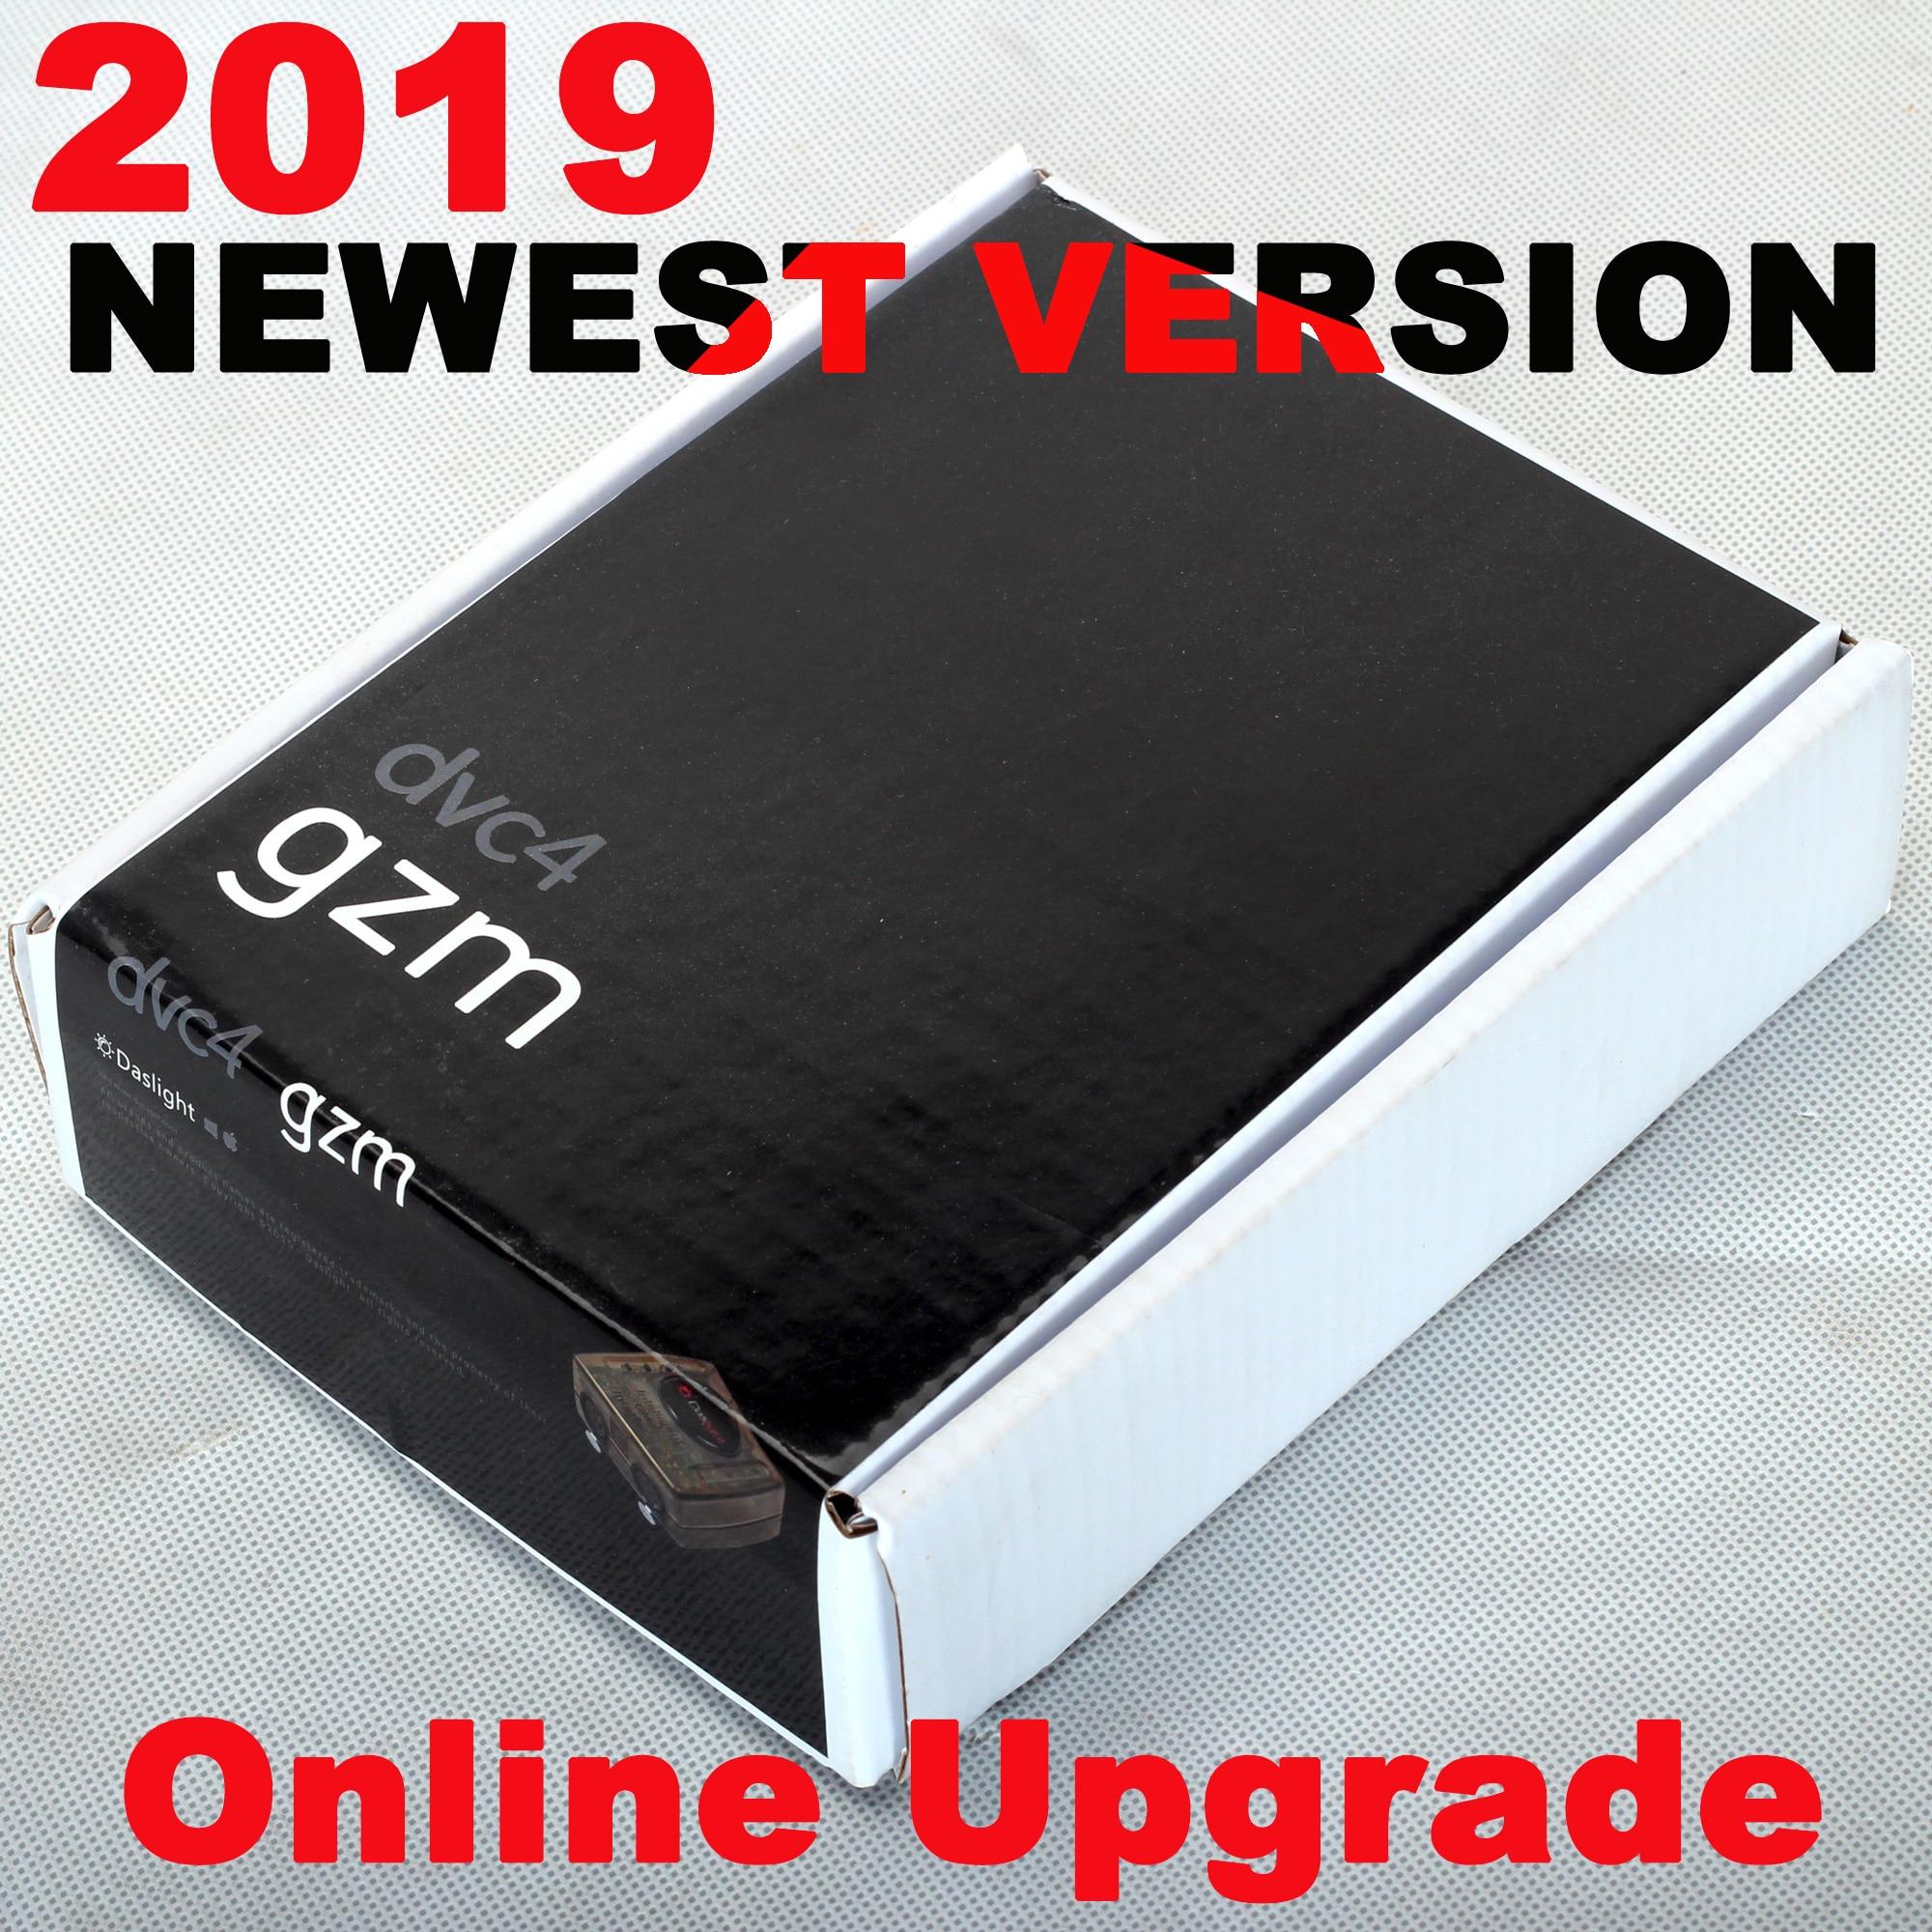 2019 versão daslight dvc 4 gzm estágio profissional controlador de software controle 1024 interface dmx usb controlador dmx512